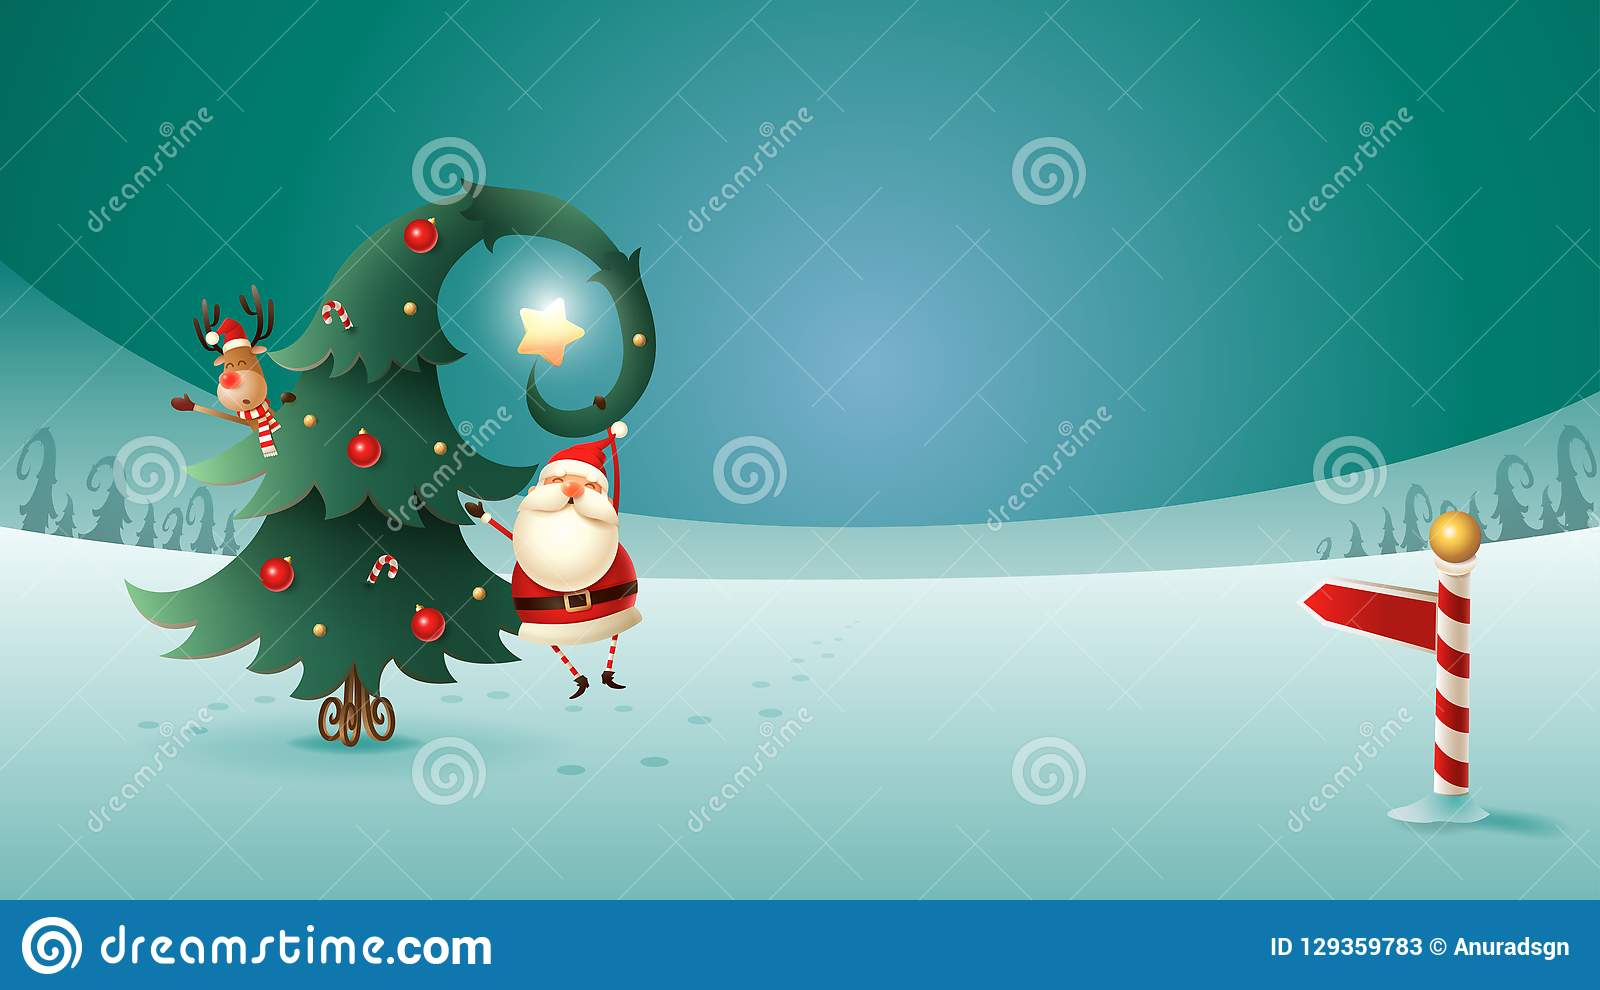 Santa Claus und Ren mit Weihnachtsbaum auf Winter gestalten landschaftlich Nordwerbepylon